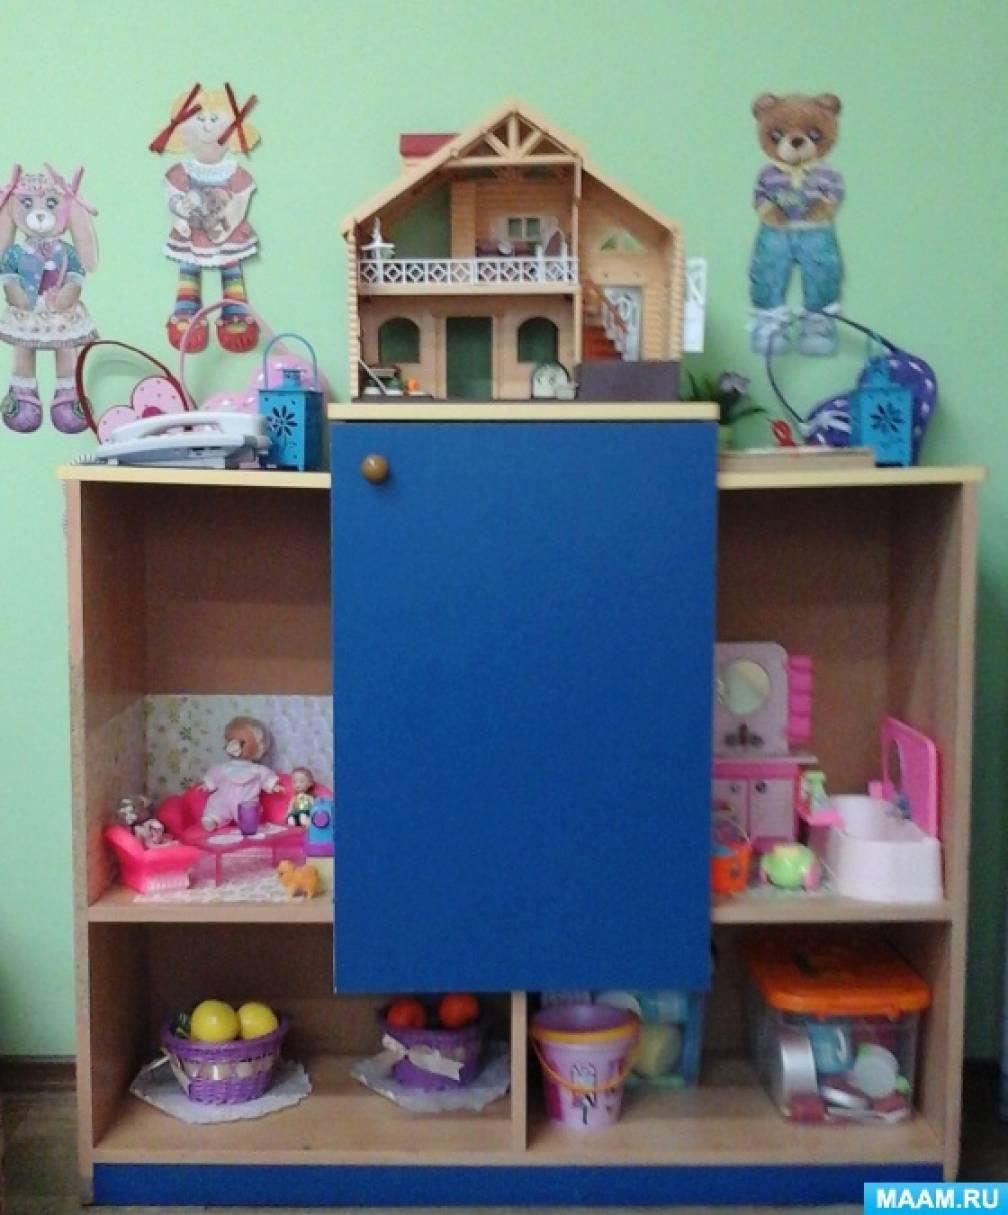 Кукольный домик для игрового уголка